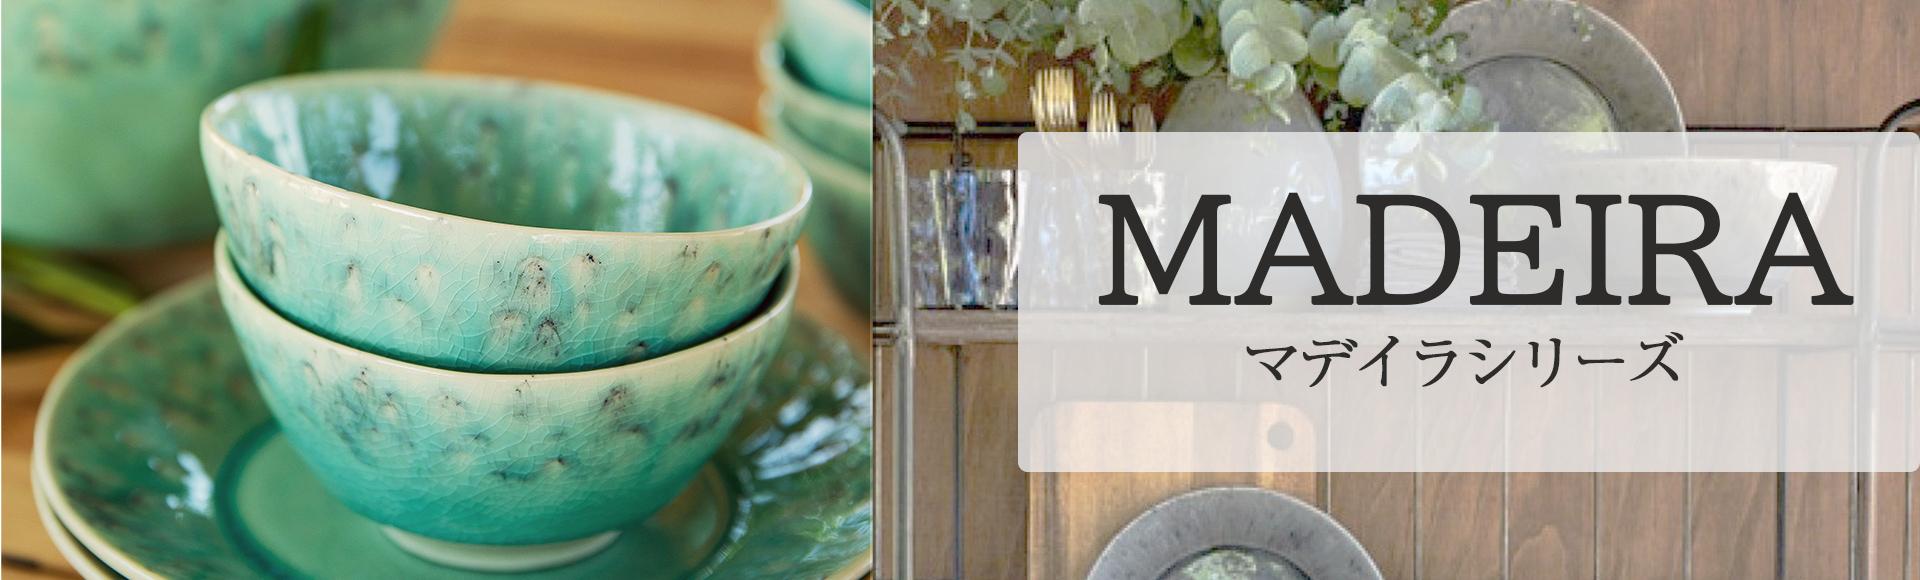 釉薬による明るい発色と、色のグラデーション、透明感が美しいマデイラシリーズ。